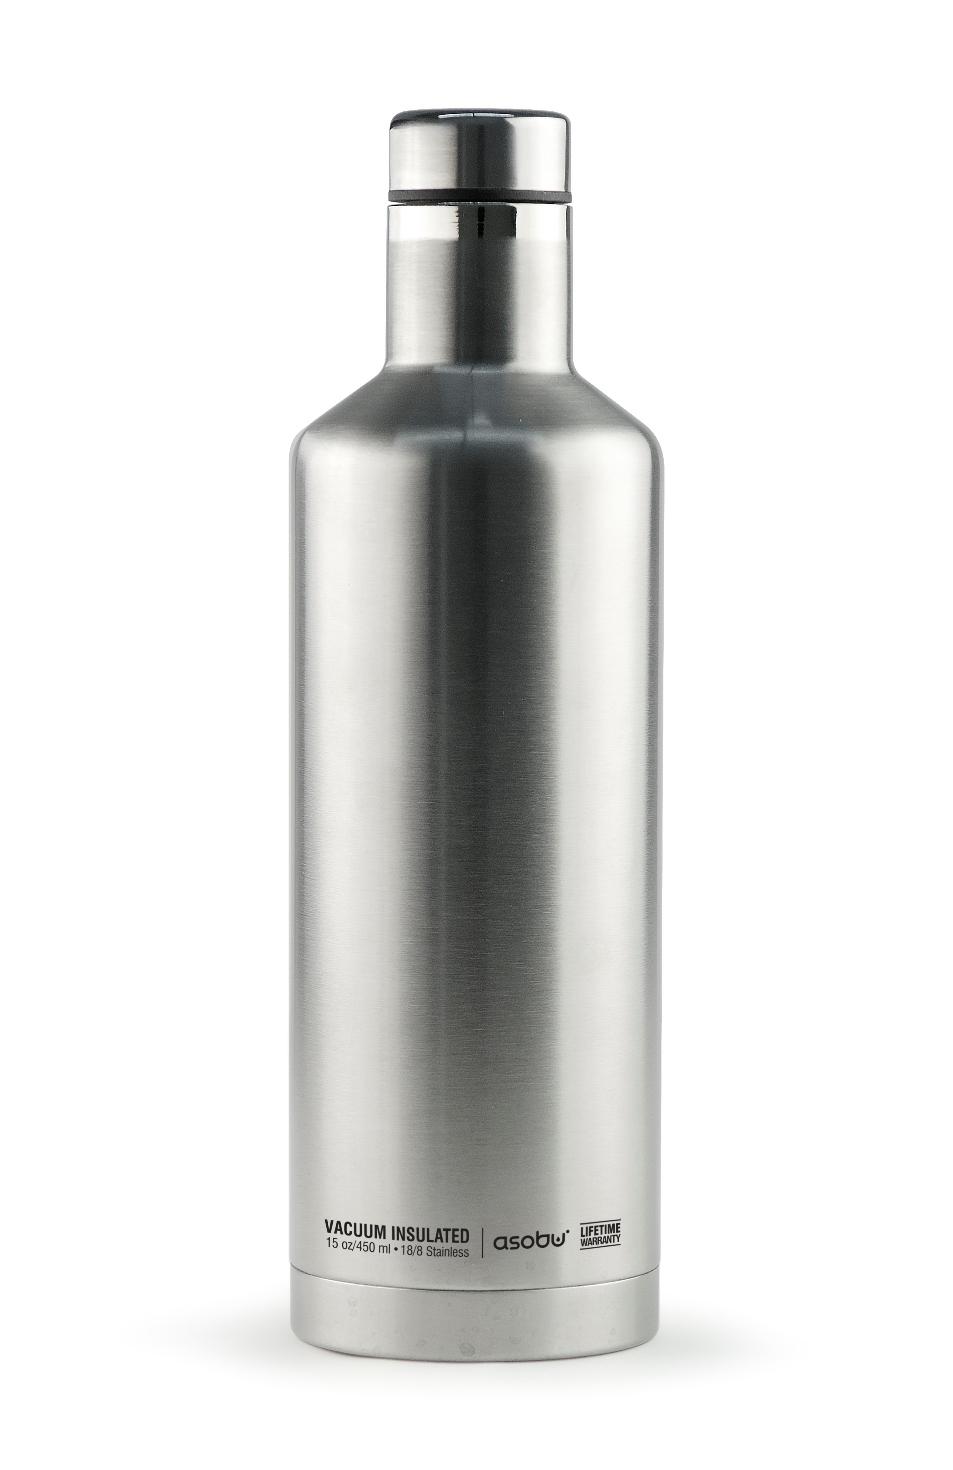 Онлайн каталог PROMENU: Термобутылка Asobu TIMES SQUARE, 0,45 л, серебристый                                   SBV15 SILVER